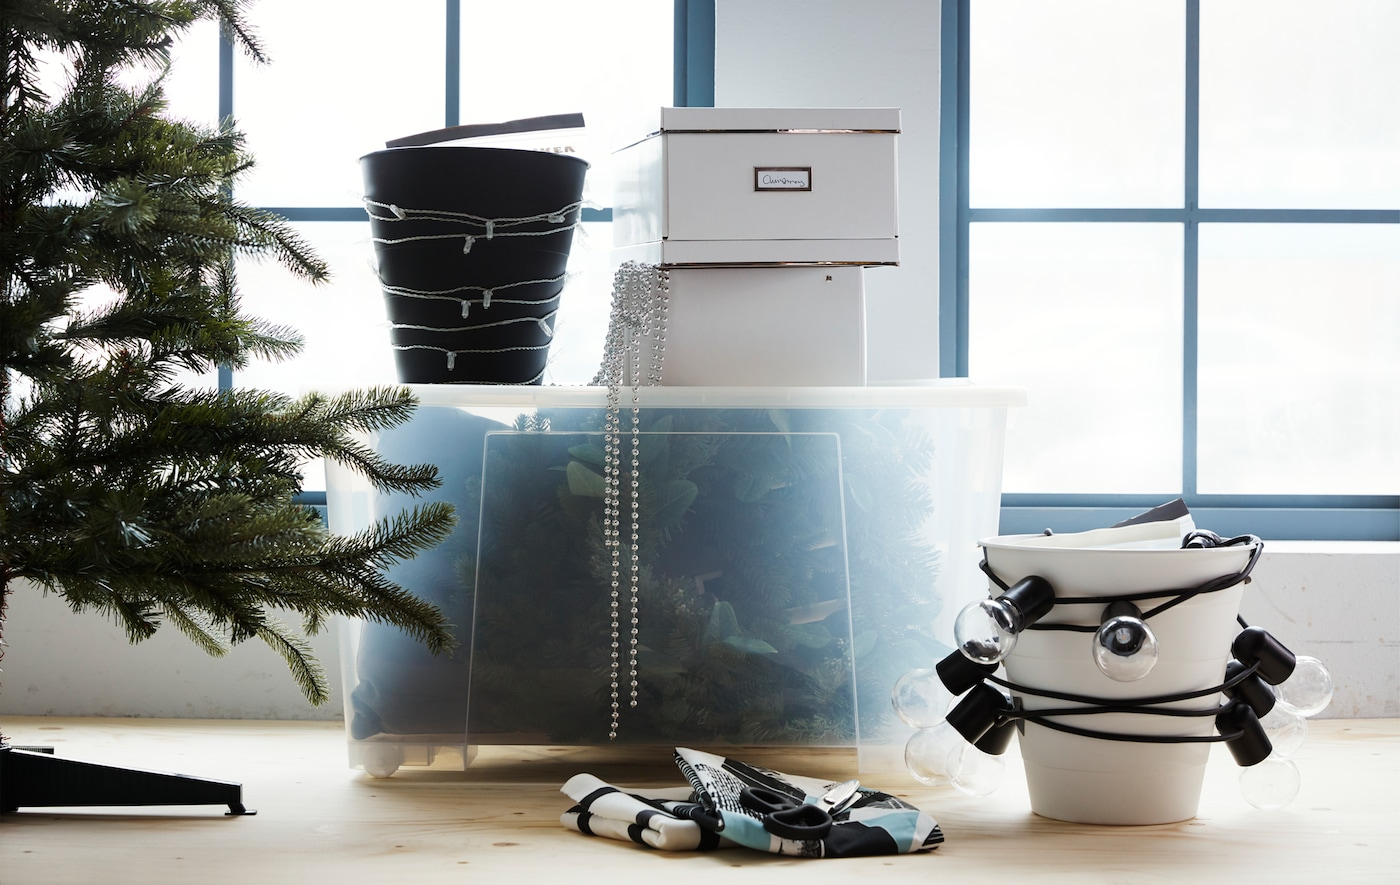 Zeit, die Weihnachtsdeko einzusammeln und zu verpacken? IKEA bietet eine Menge clevere Aufbewahrungen und Organisationsmöglichkeiten für kleine Räume. Großes und Unförmiges kommt z. B. gut in einer großen, transparenten Box unter und deine Lichterkette wird um einen Eimer gewickelt.